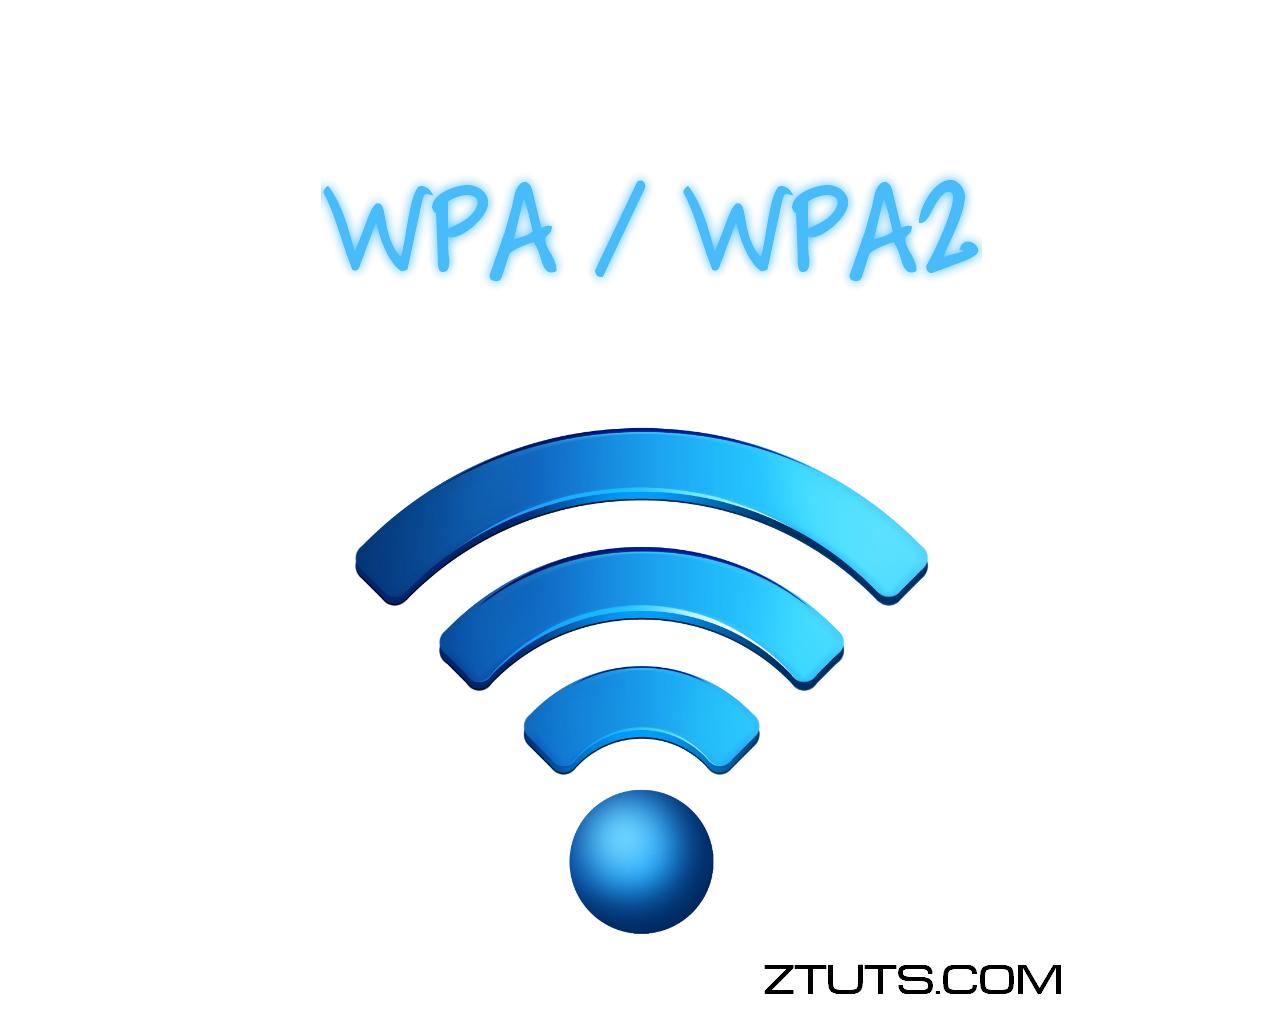 http://4.bp.blogspot.com/-mq5exKCwiJU/T6E9KhSepyI/AAAAAAAAARc/RpN3Nagv9i4/s1600/Hack-WPA-WPA2-Using-Ubuntu-Ztuts.jpg